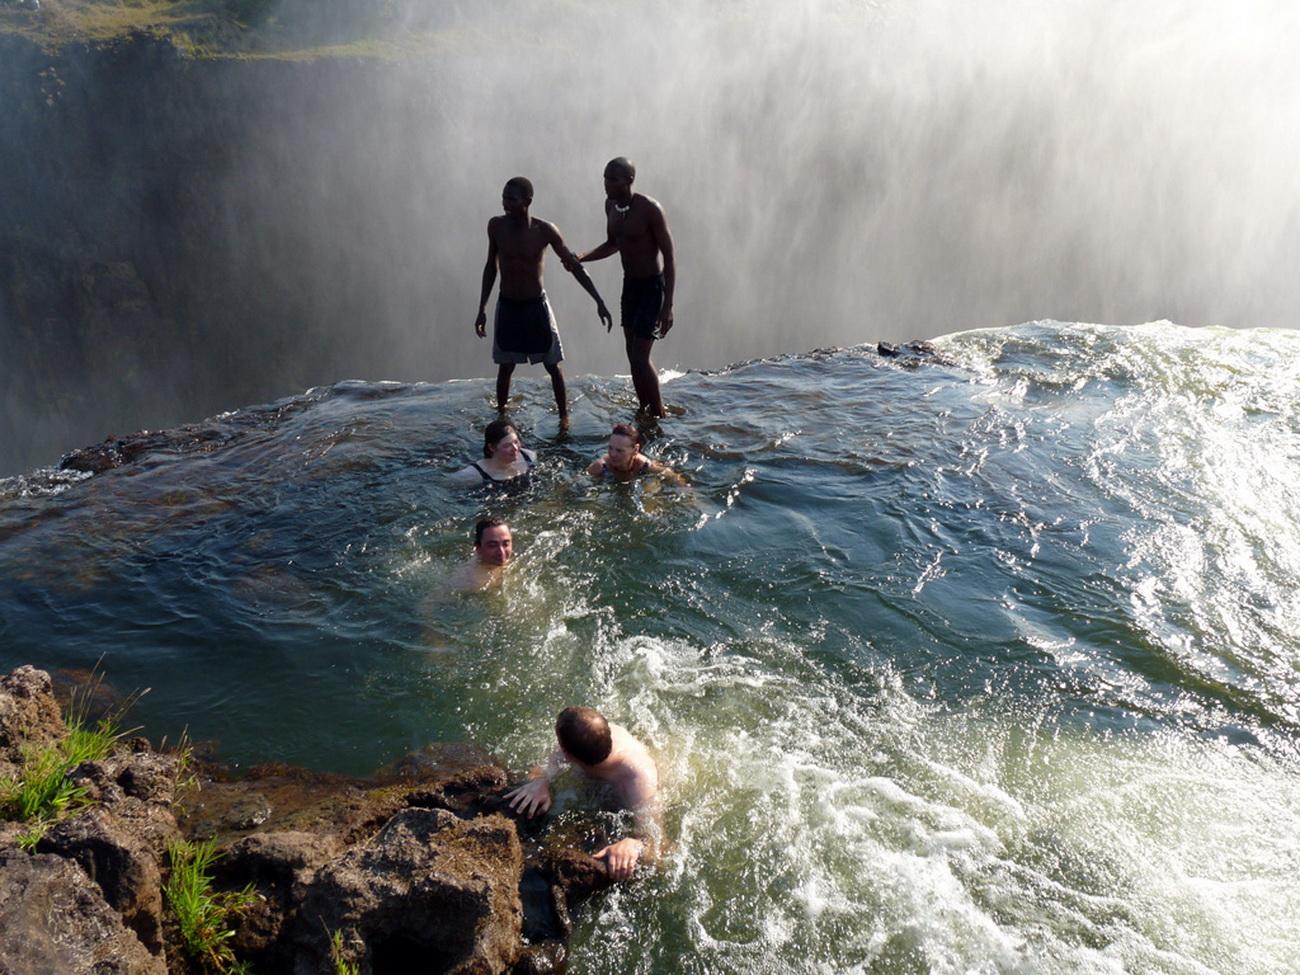 Nidokidos devil 39 s pool victoria falls zambia for La piscina del diablo